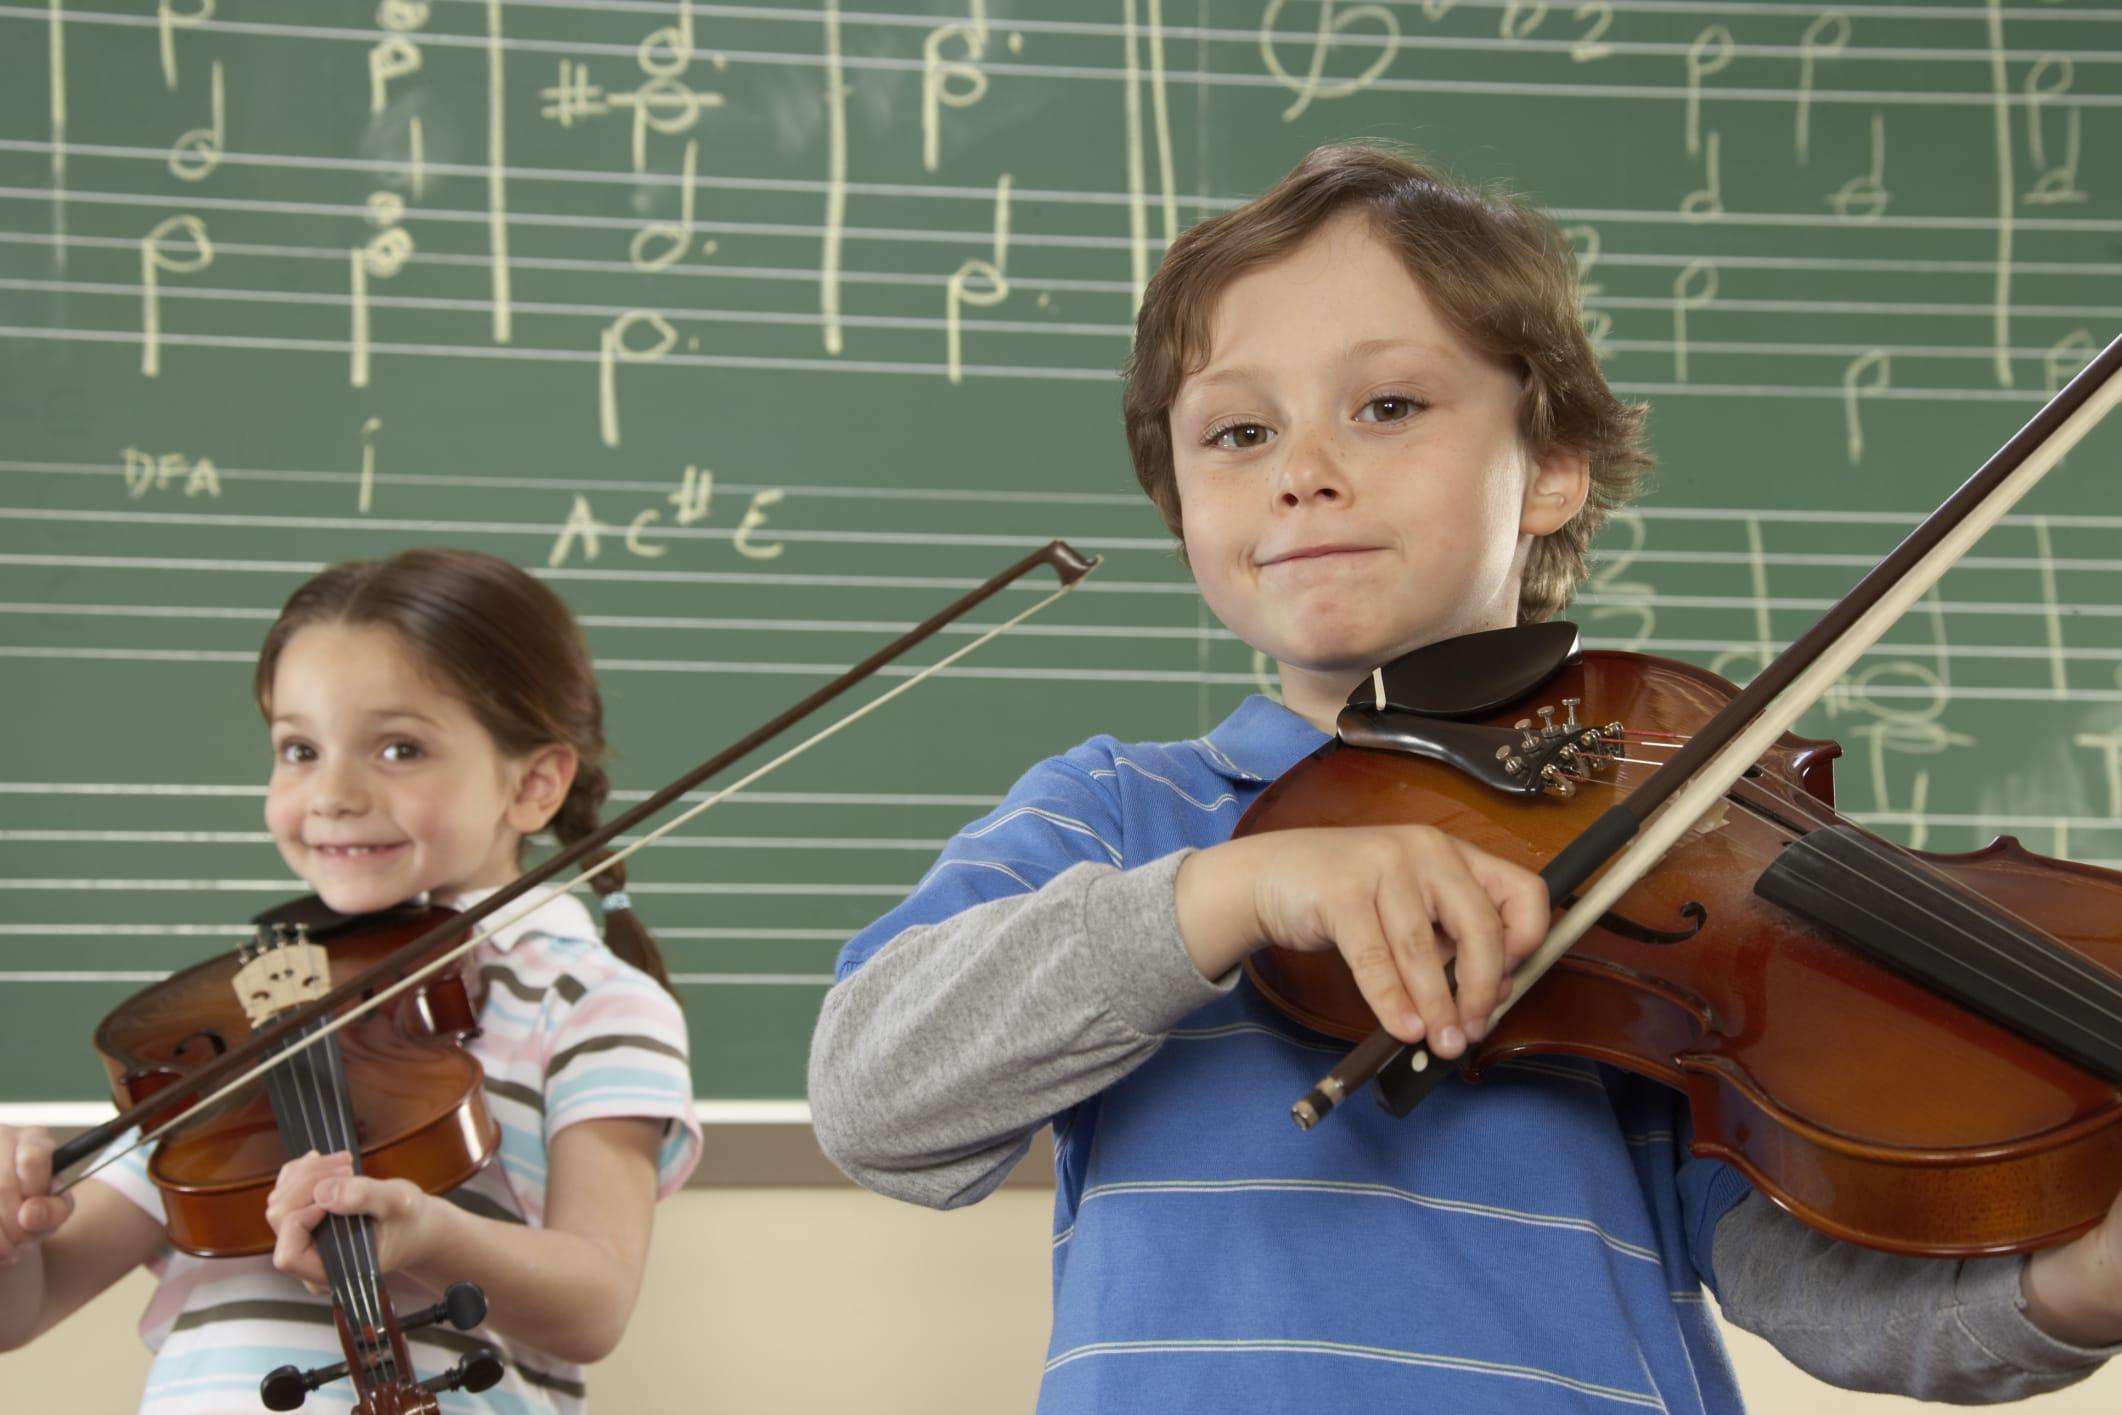 Bambini strumenti musicali: studiare musica da piccoli favorisce lo sviluppo del cervello